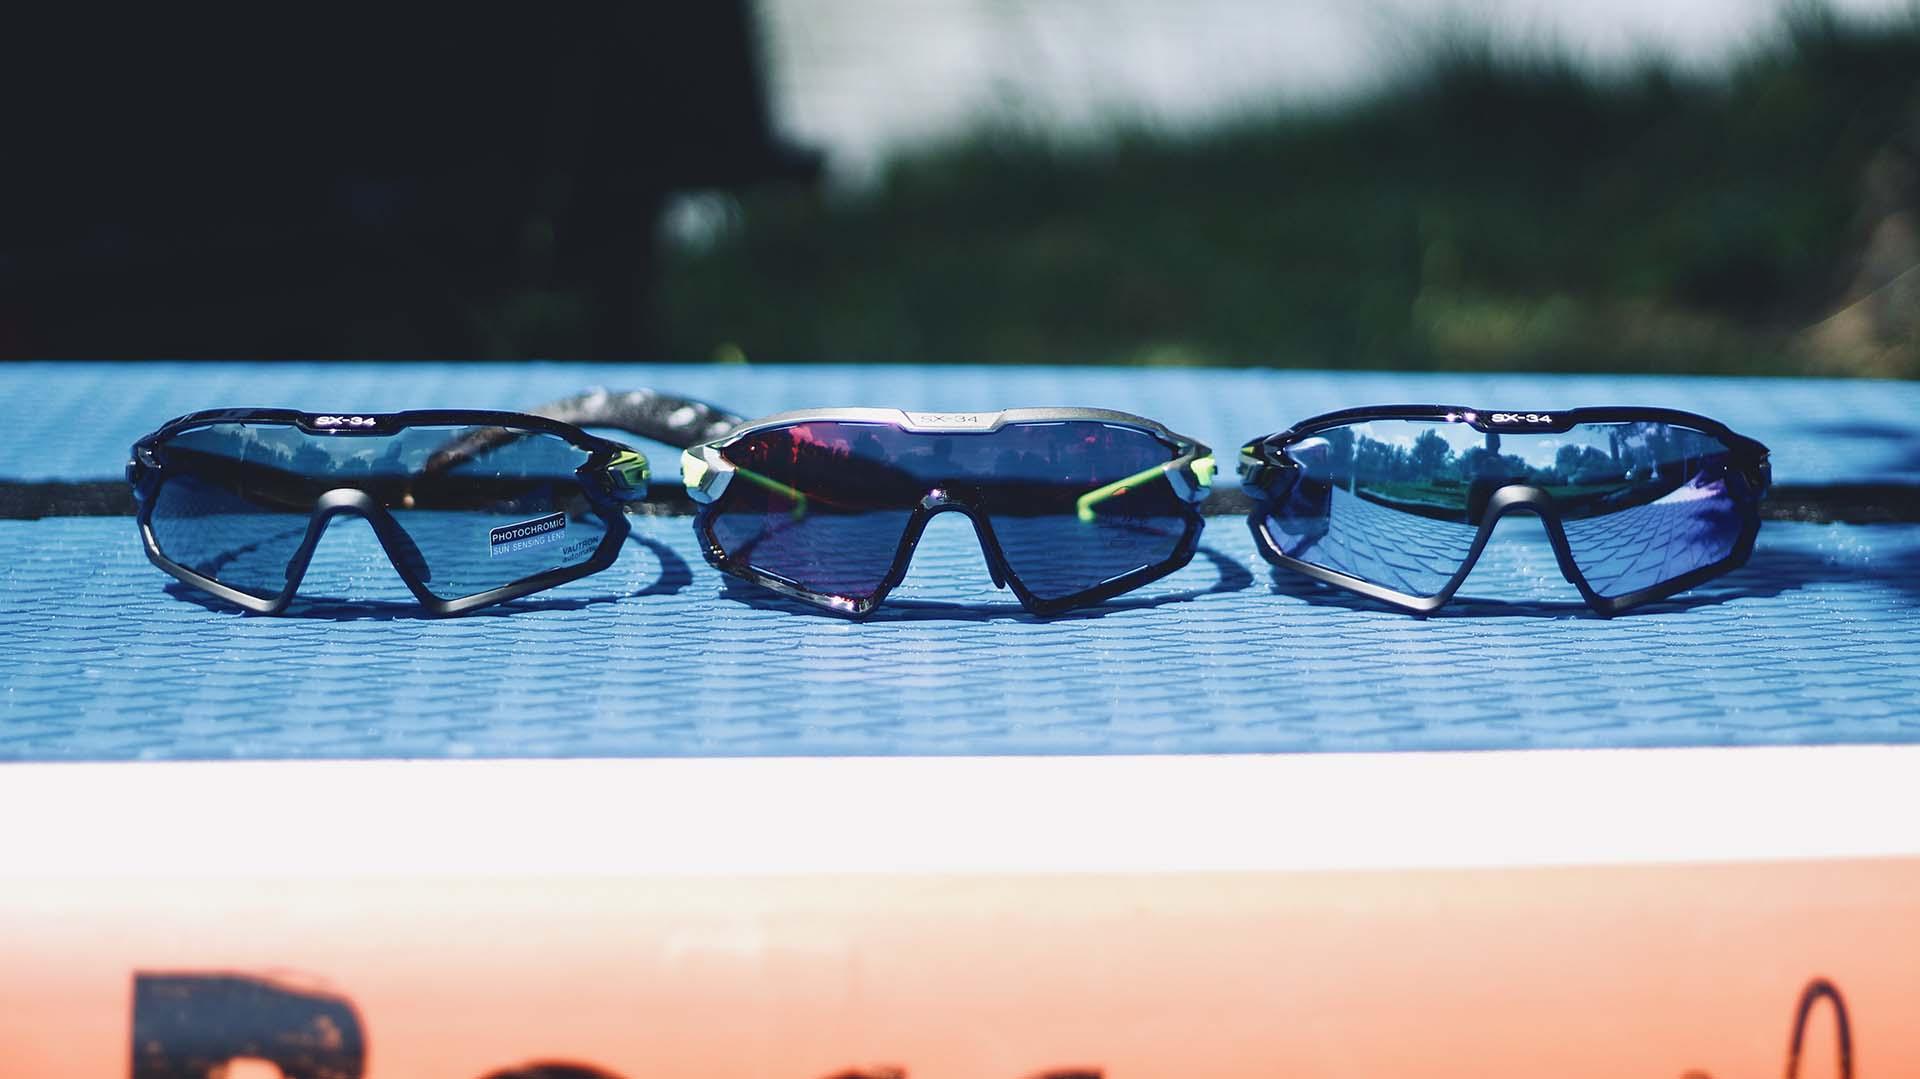 Funkcionális szemüveg sportoláshoz kifejlesztve: Casco SX-34 sportszemüveg-2